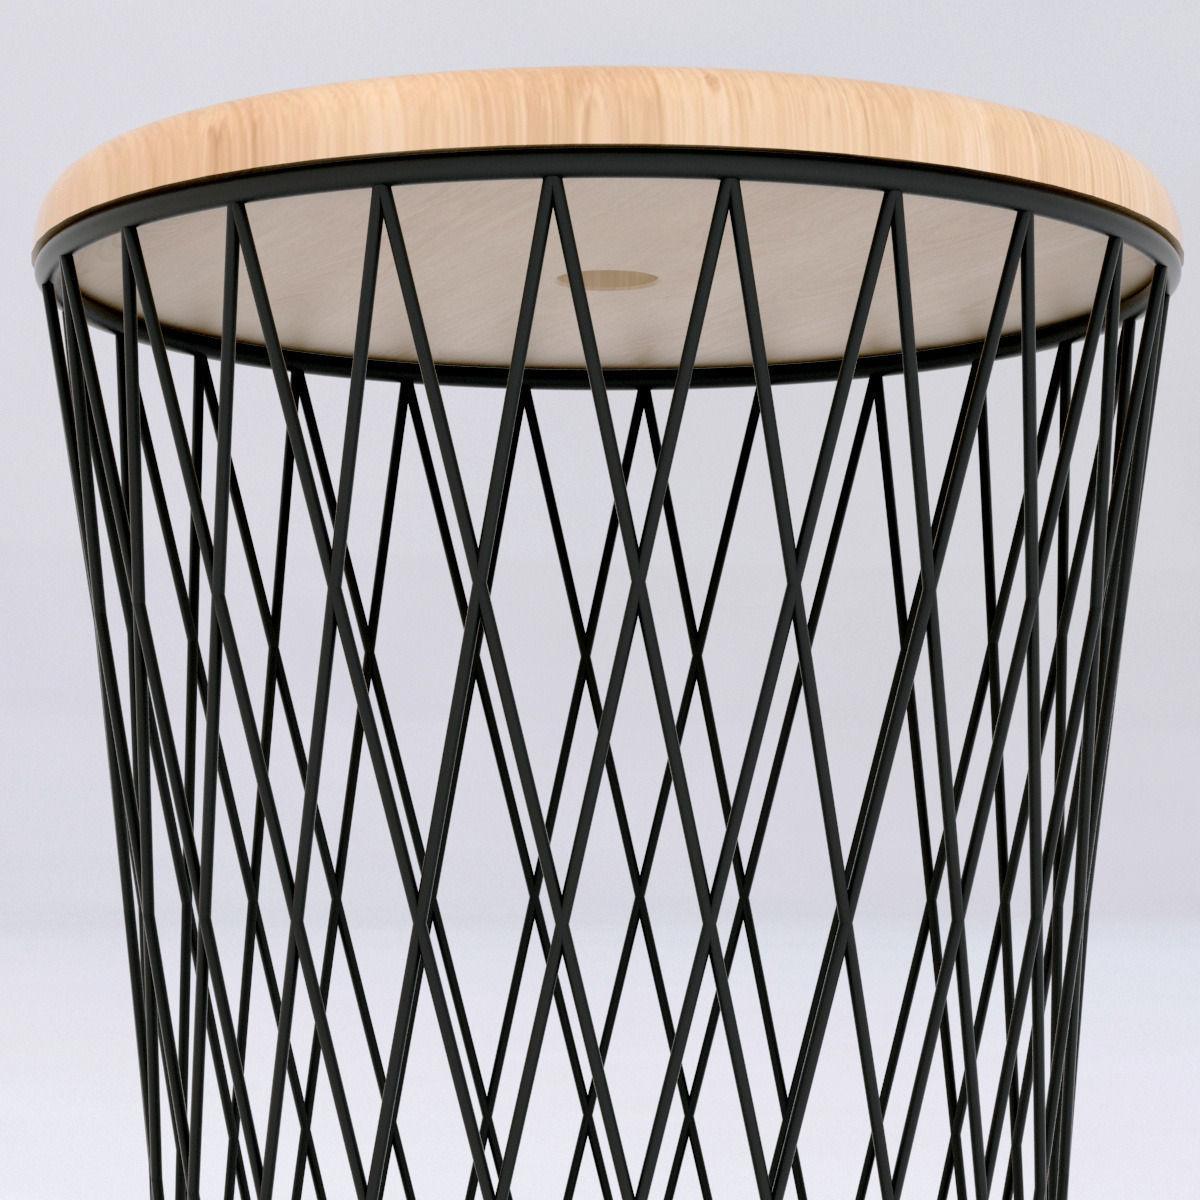 Boconcept stool 3d model max obj 3ds fbx mtl - Boconcept mobel ...